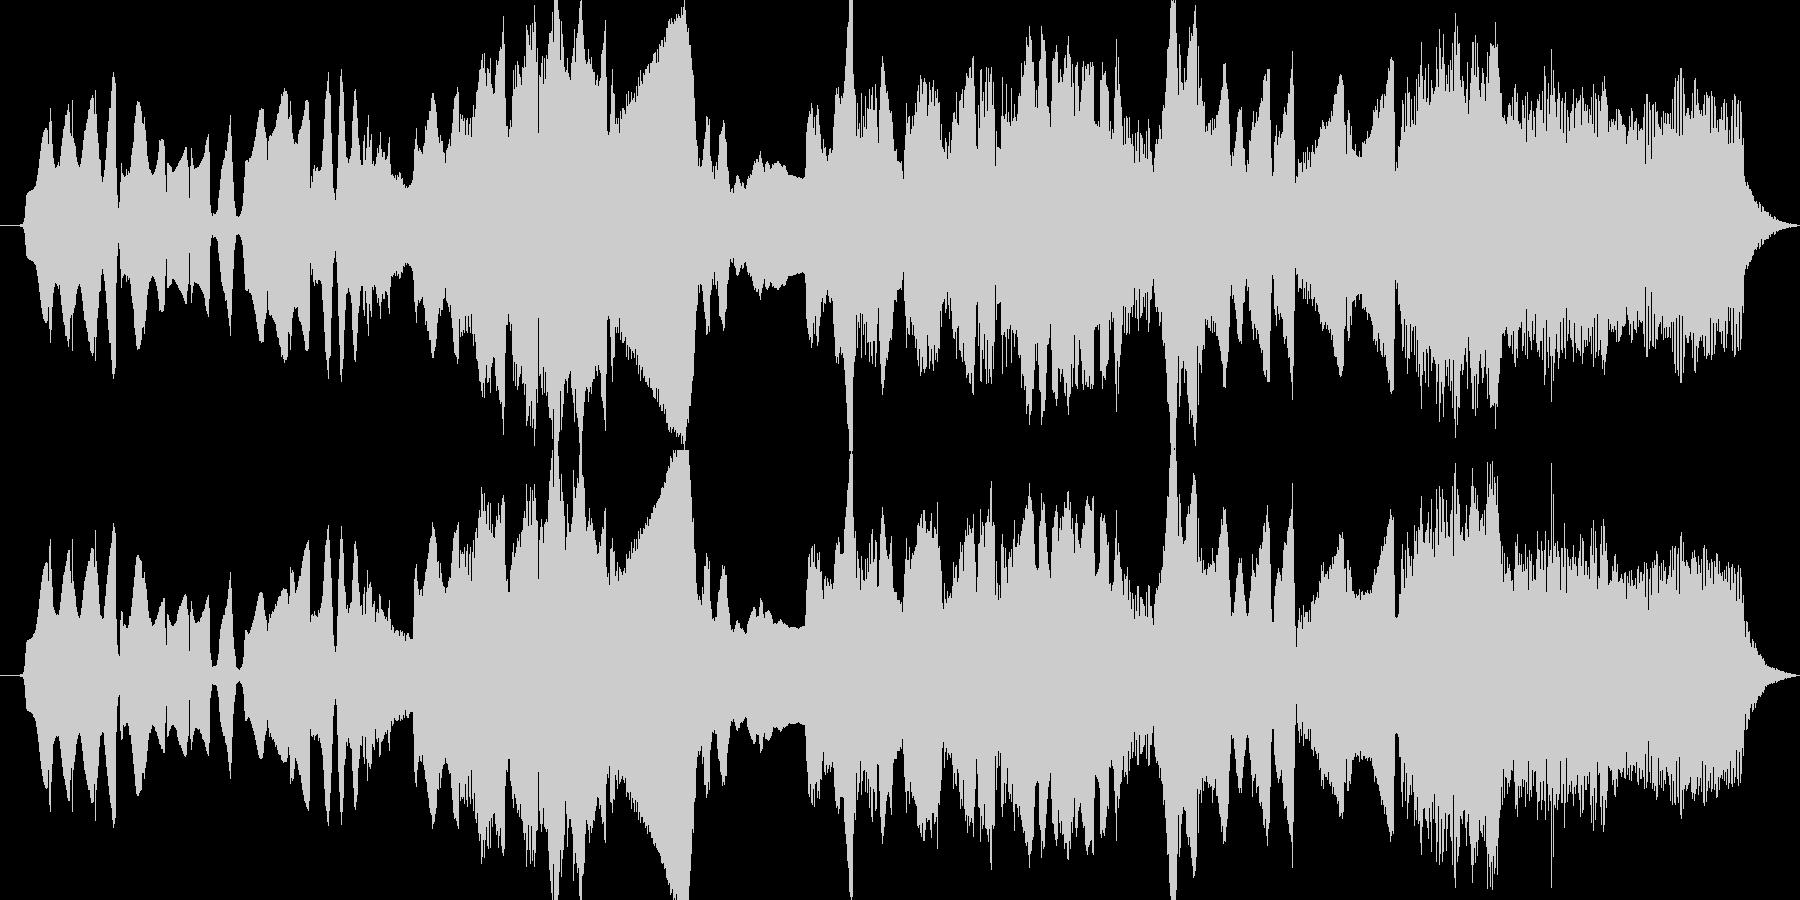 鍵盤ハーモニカとパイプオルガンによる牧歌の未再生の波形